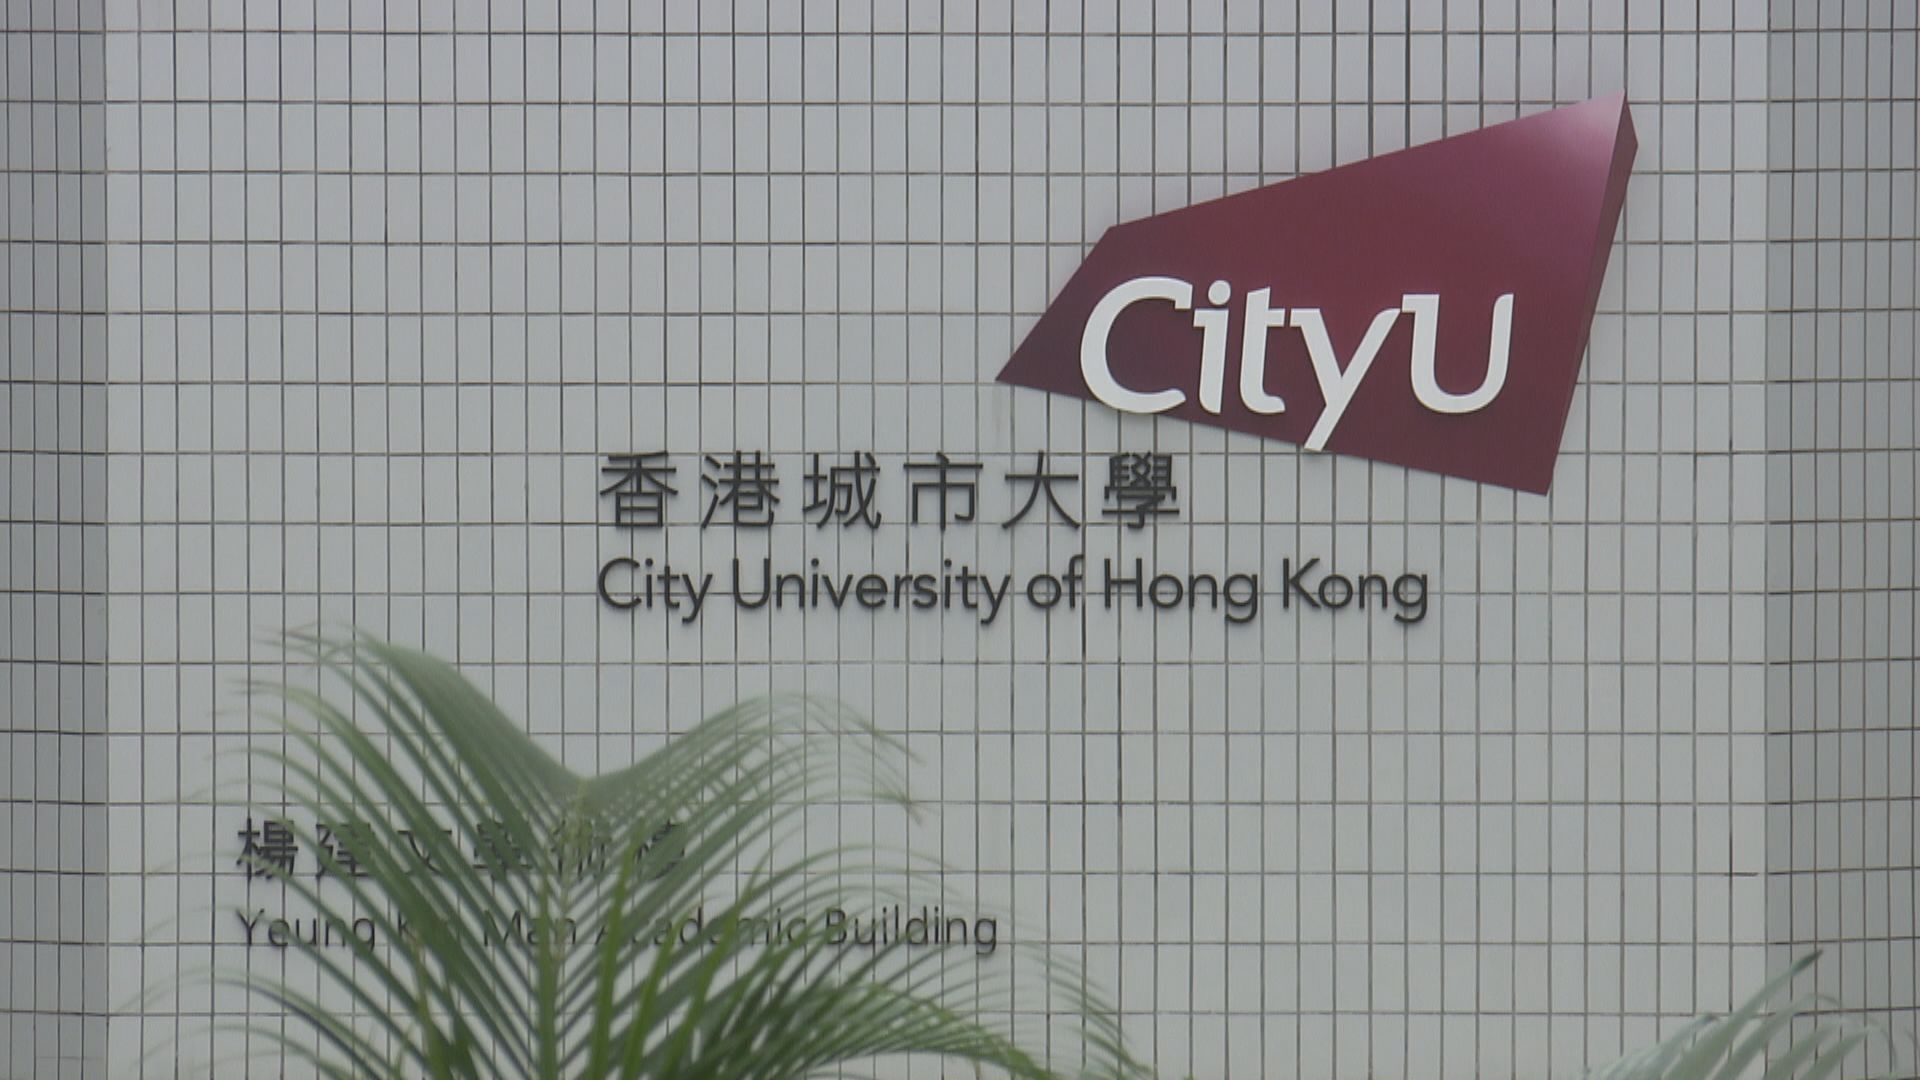 城大要求內地返港教職員和學生通報校方